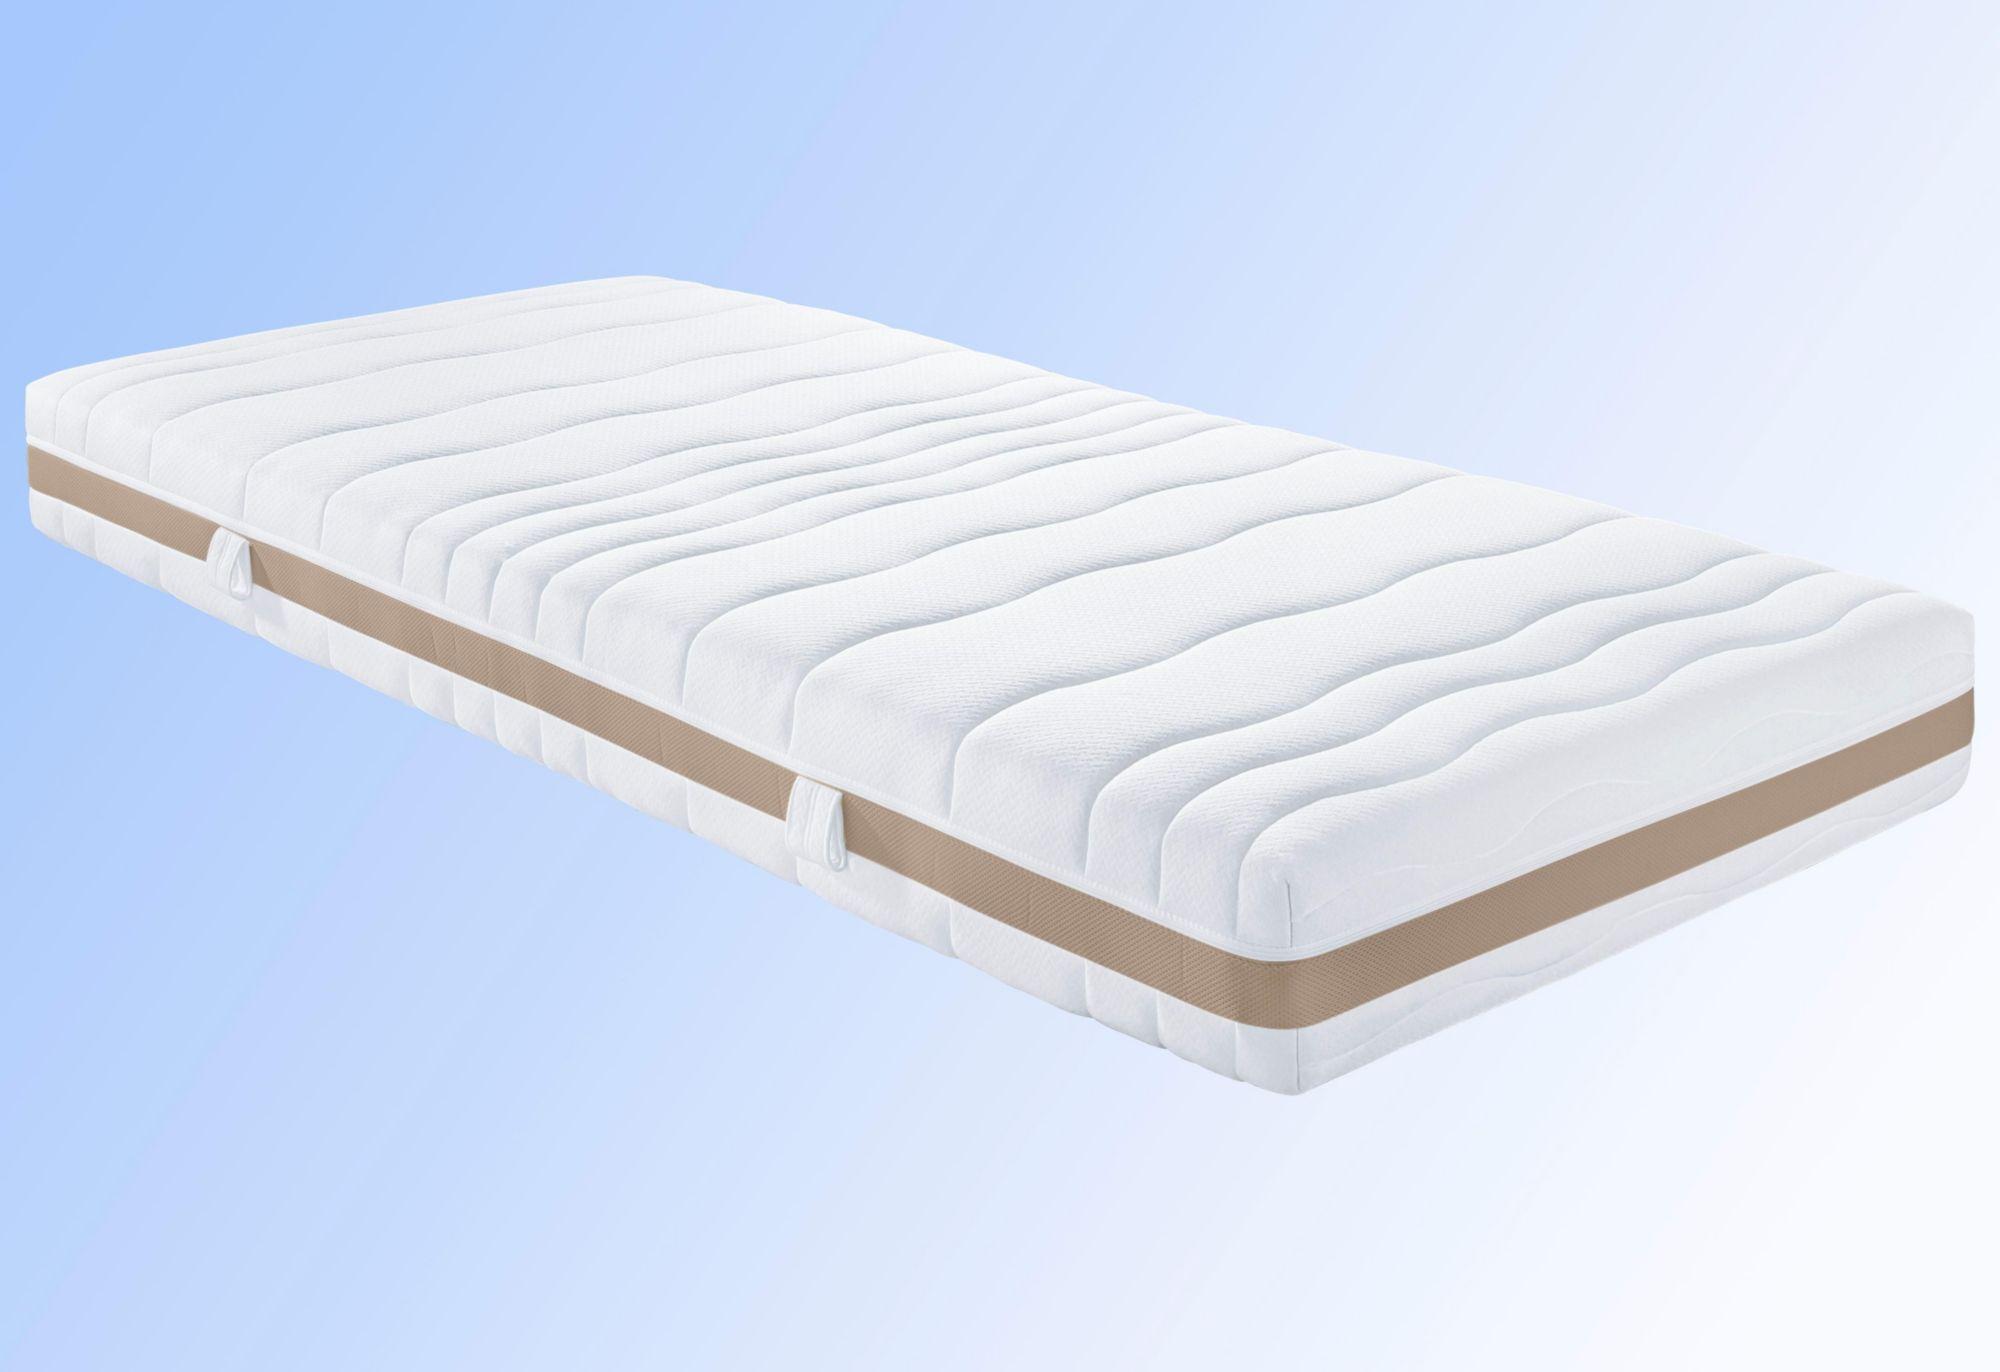 BECO Komfortschaummatratze, »Gold«, BeCo, 20 cm hoch, Raumgewicht: 35, Alle Härtegrade ein Preis